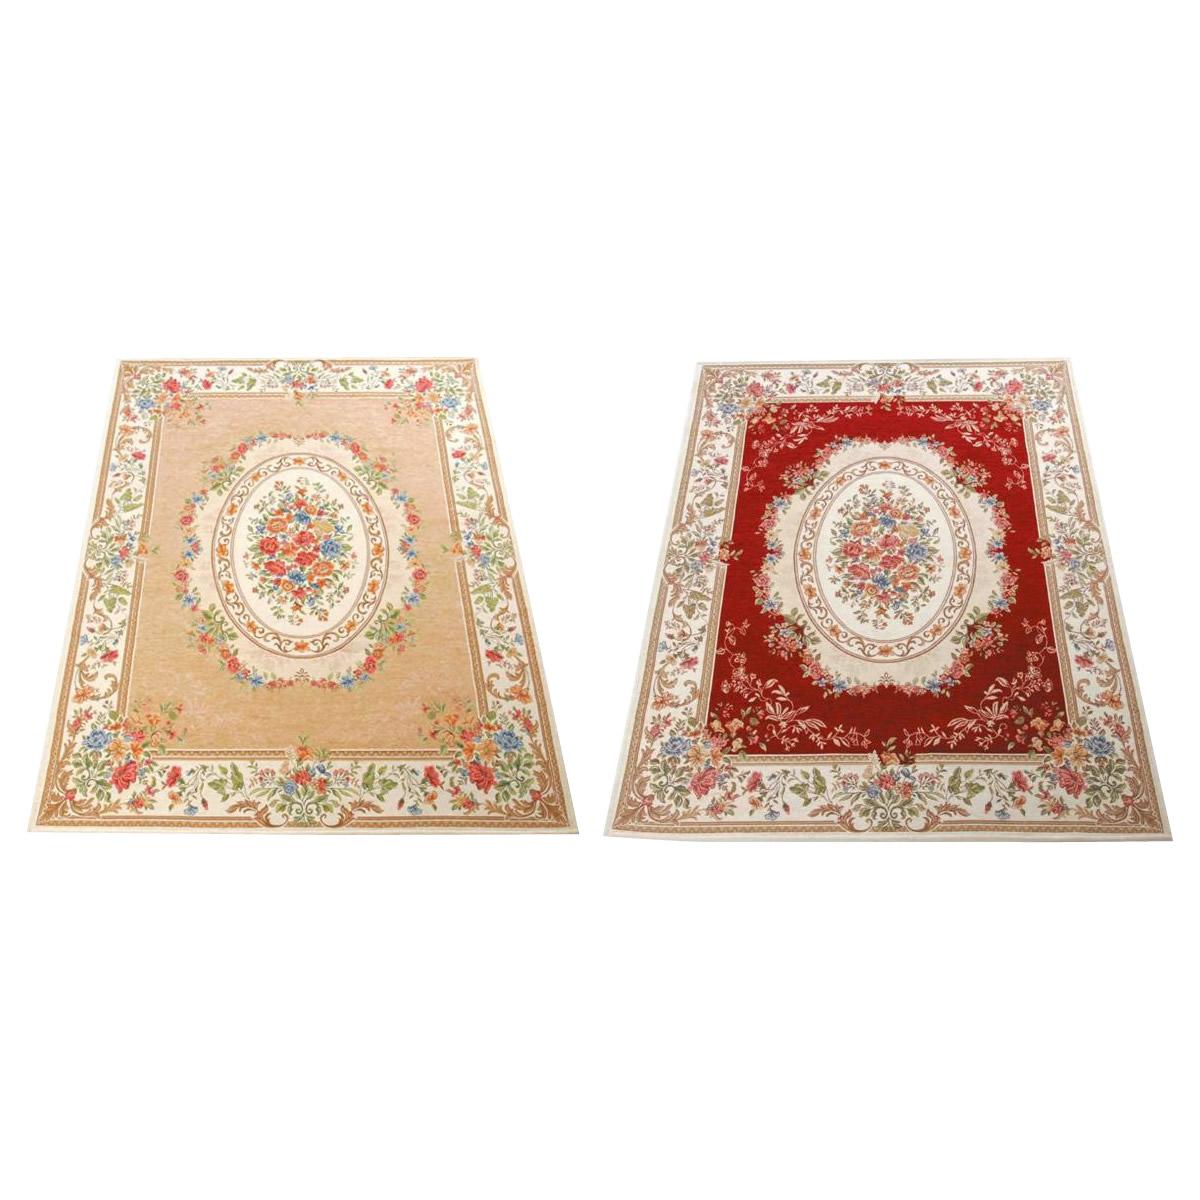 【送料無料】ゴブラン織 シェニールカーペット 3畳用(約200×250cm) ベージュ・YAN13825BE【代引不可】